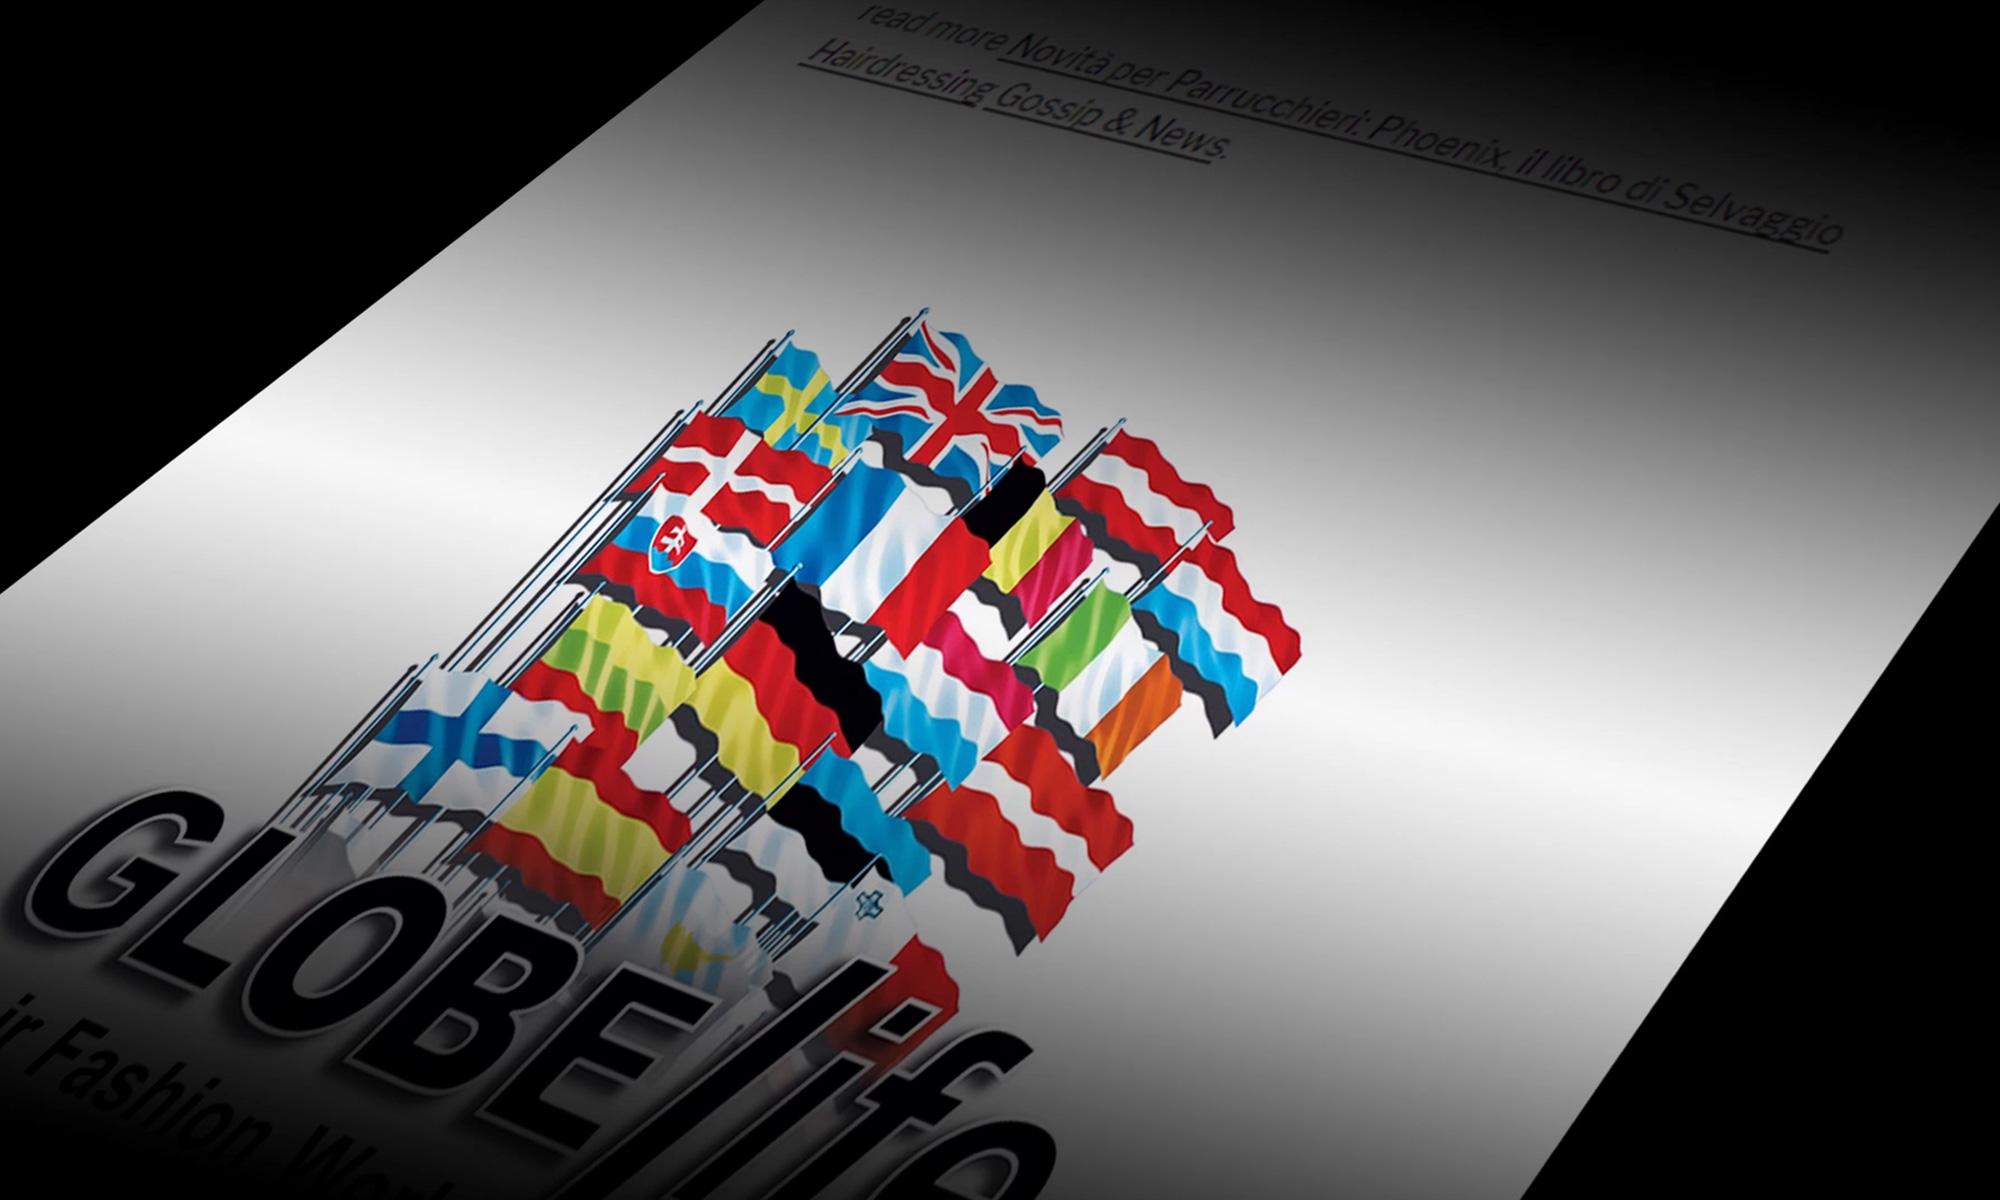 Notizie PARRUCCHIERI, Novità CAPELLI | GLOBElife | giornali PARRUCCHIERI - riviste PARRUCCHIERI , collezioni tagli moda CAPELLI , video PARRUCCHIERI , Show PARRUCCHIERI - ultimi prodotti CAPELLI